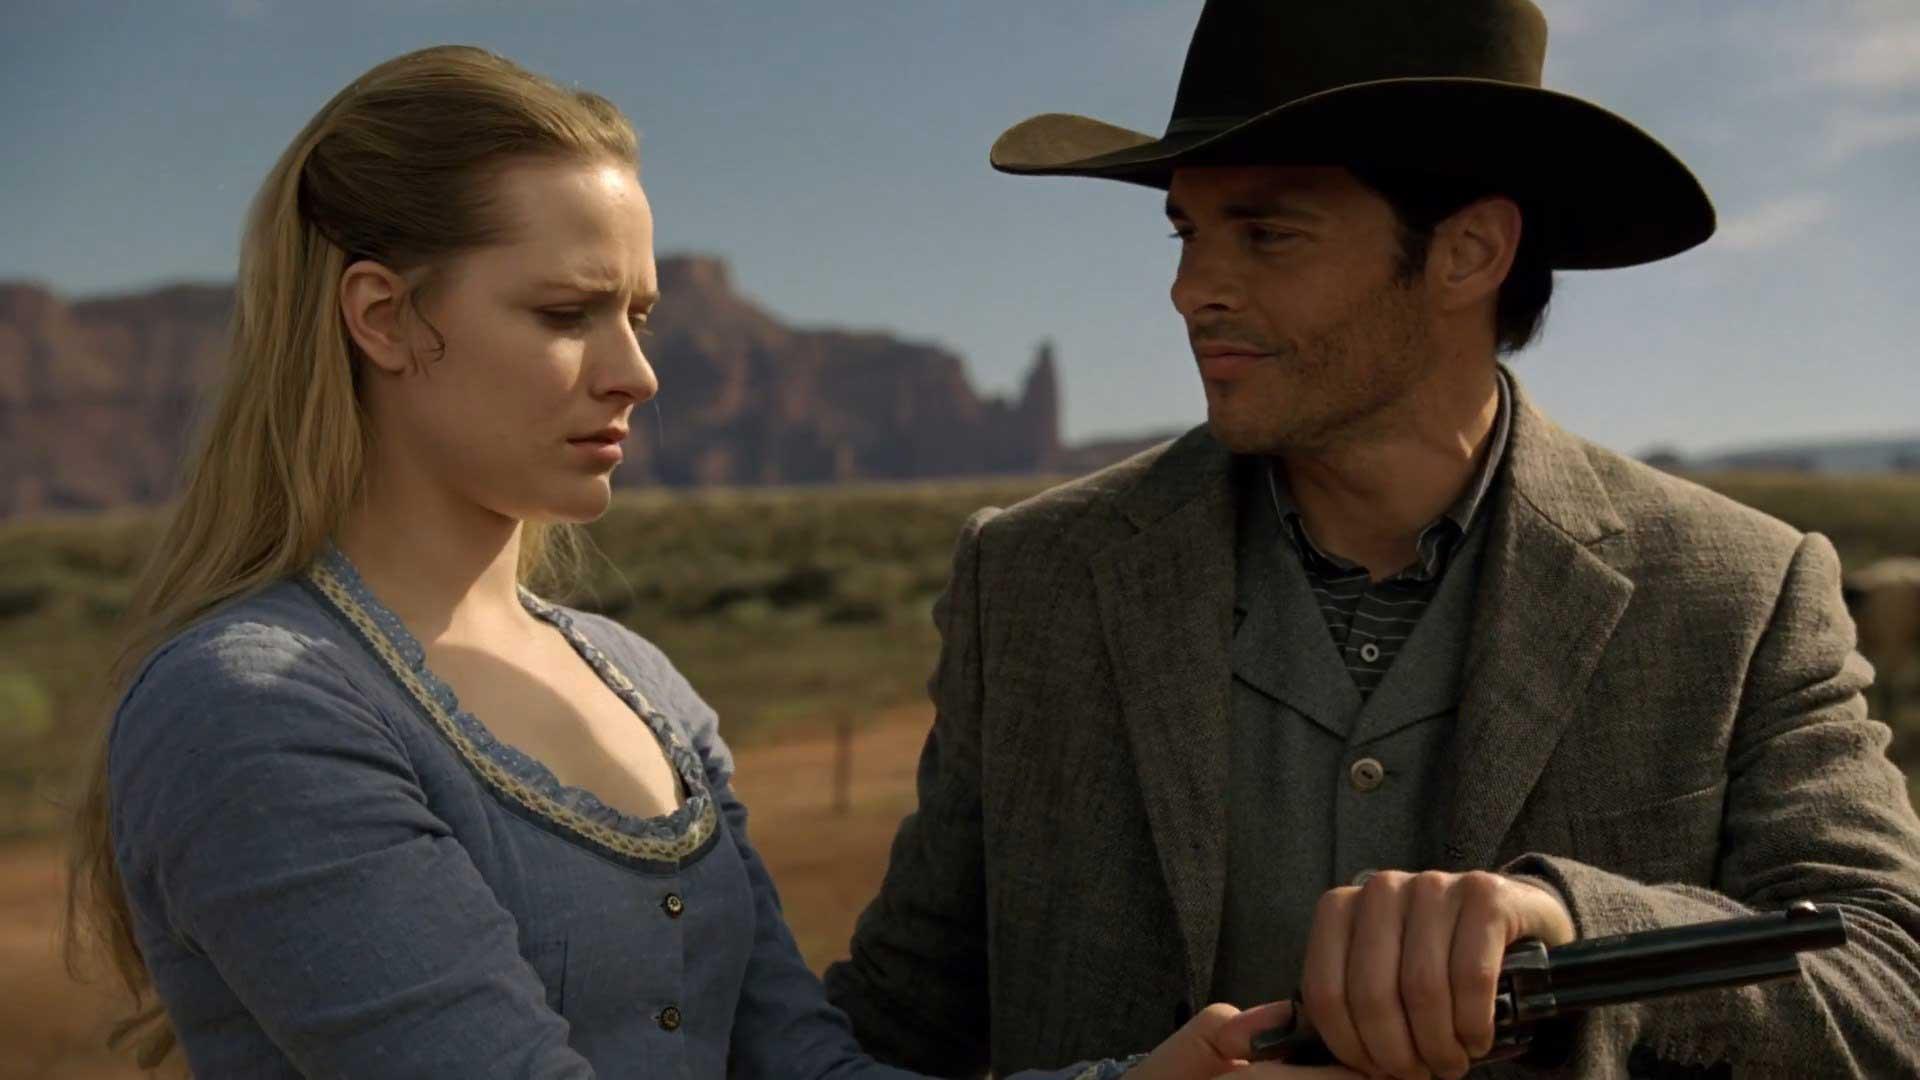 Westworld S01E03 Evan Rachel Wood Dolores Abernathy James Marsden Teddy Flood